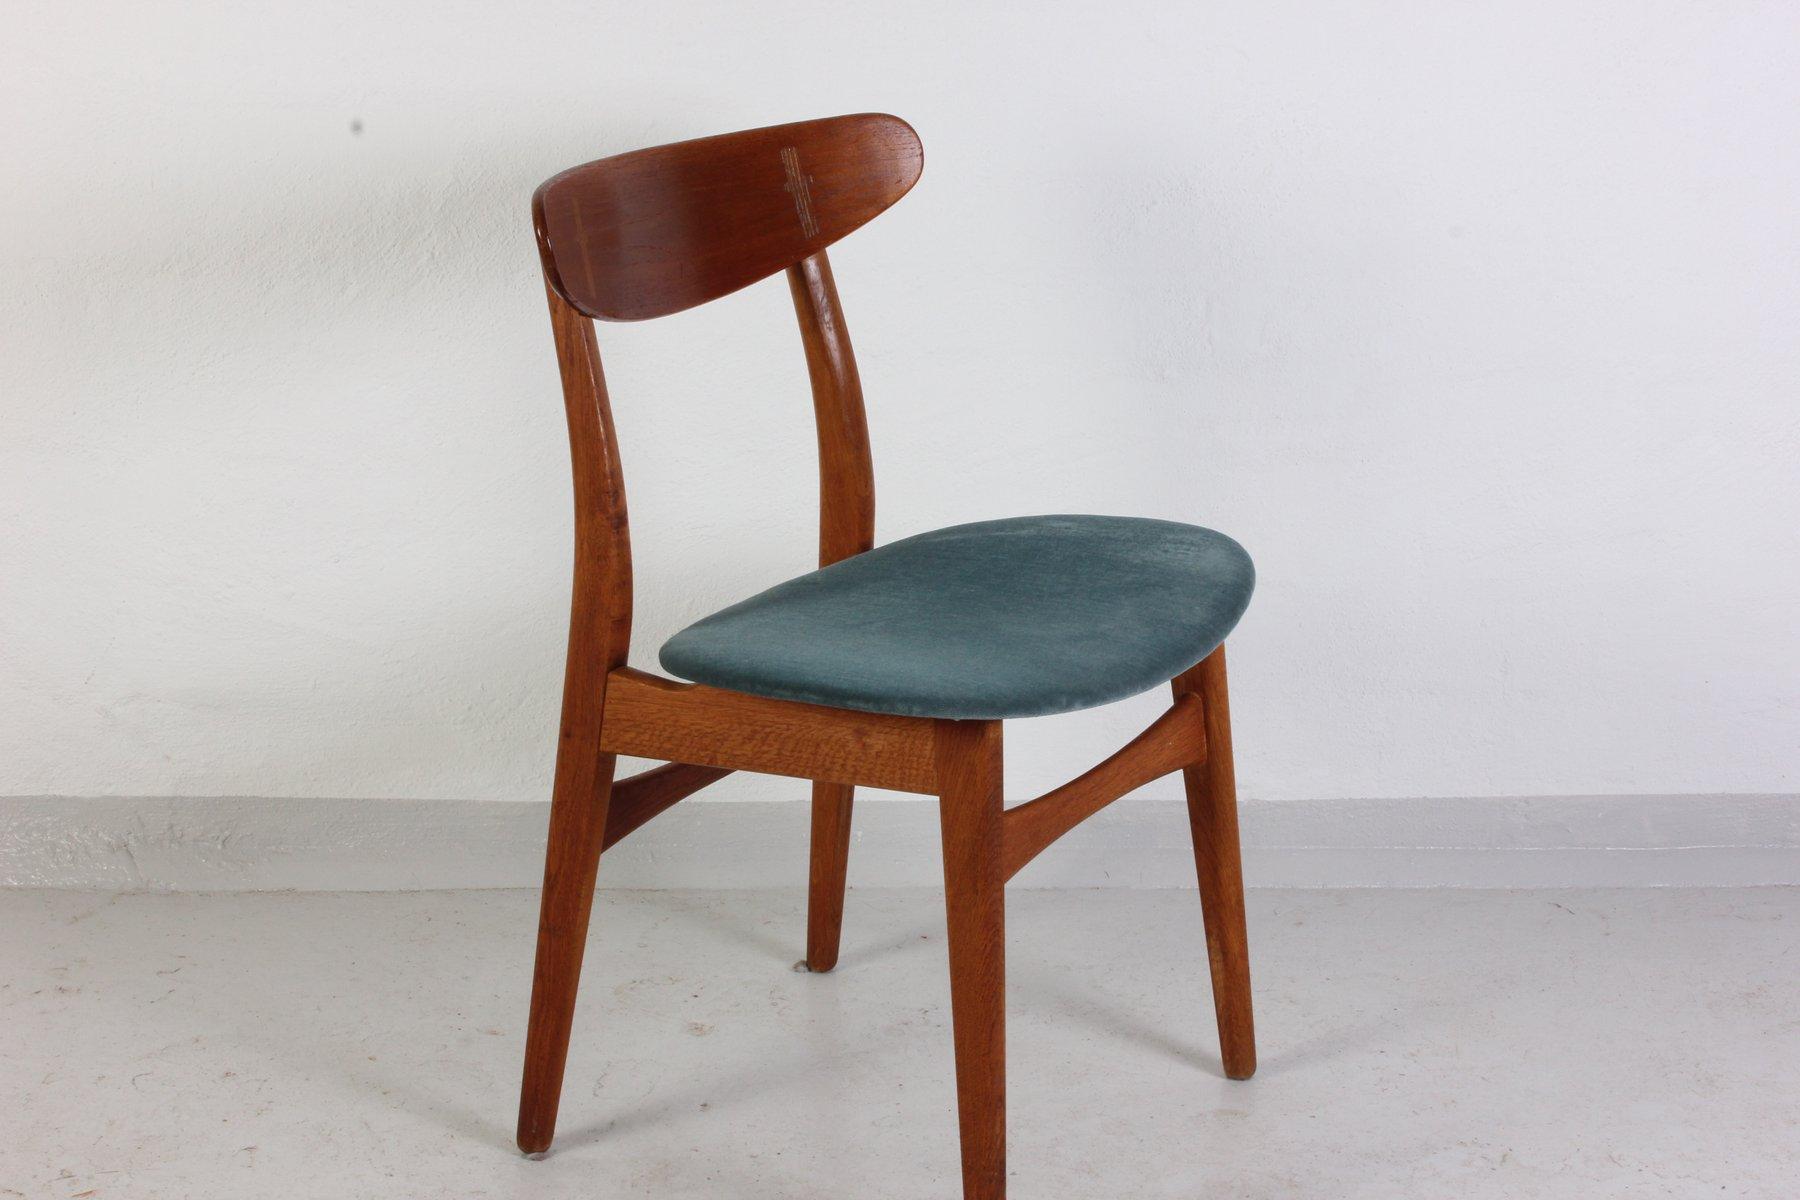 ch 30 stuhl von hans j wegner f r carl hansen s n bei. Black Bedroom Furniture Sets. Home Design Ideas